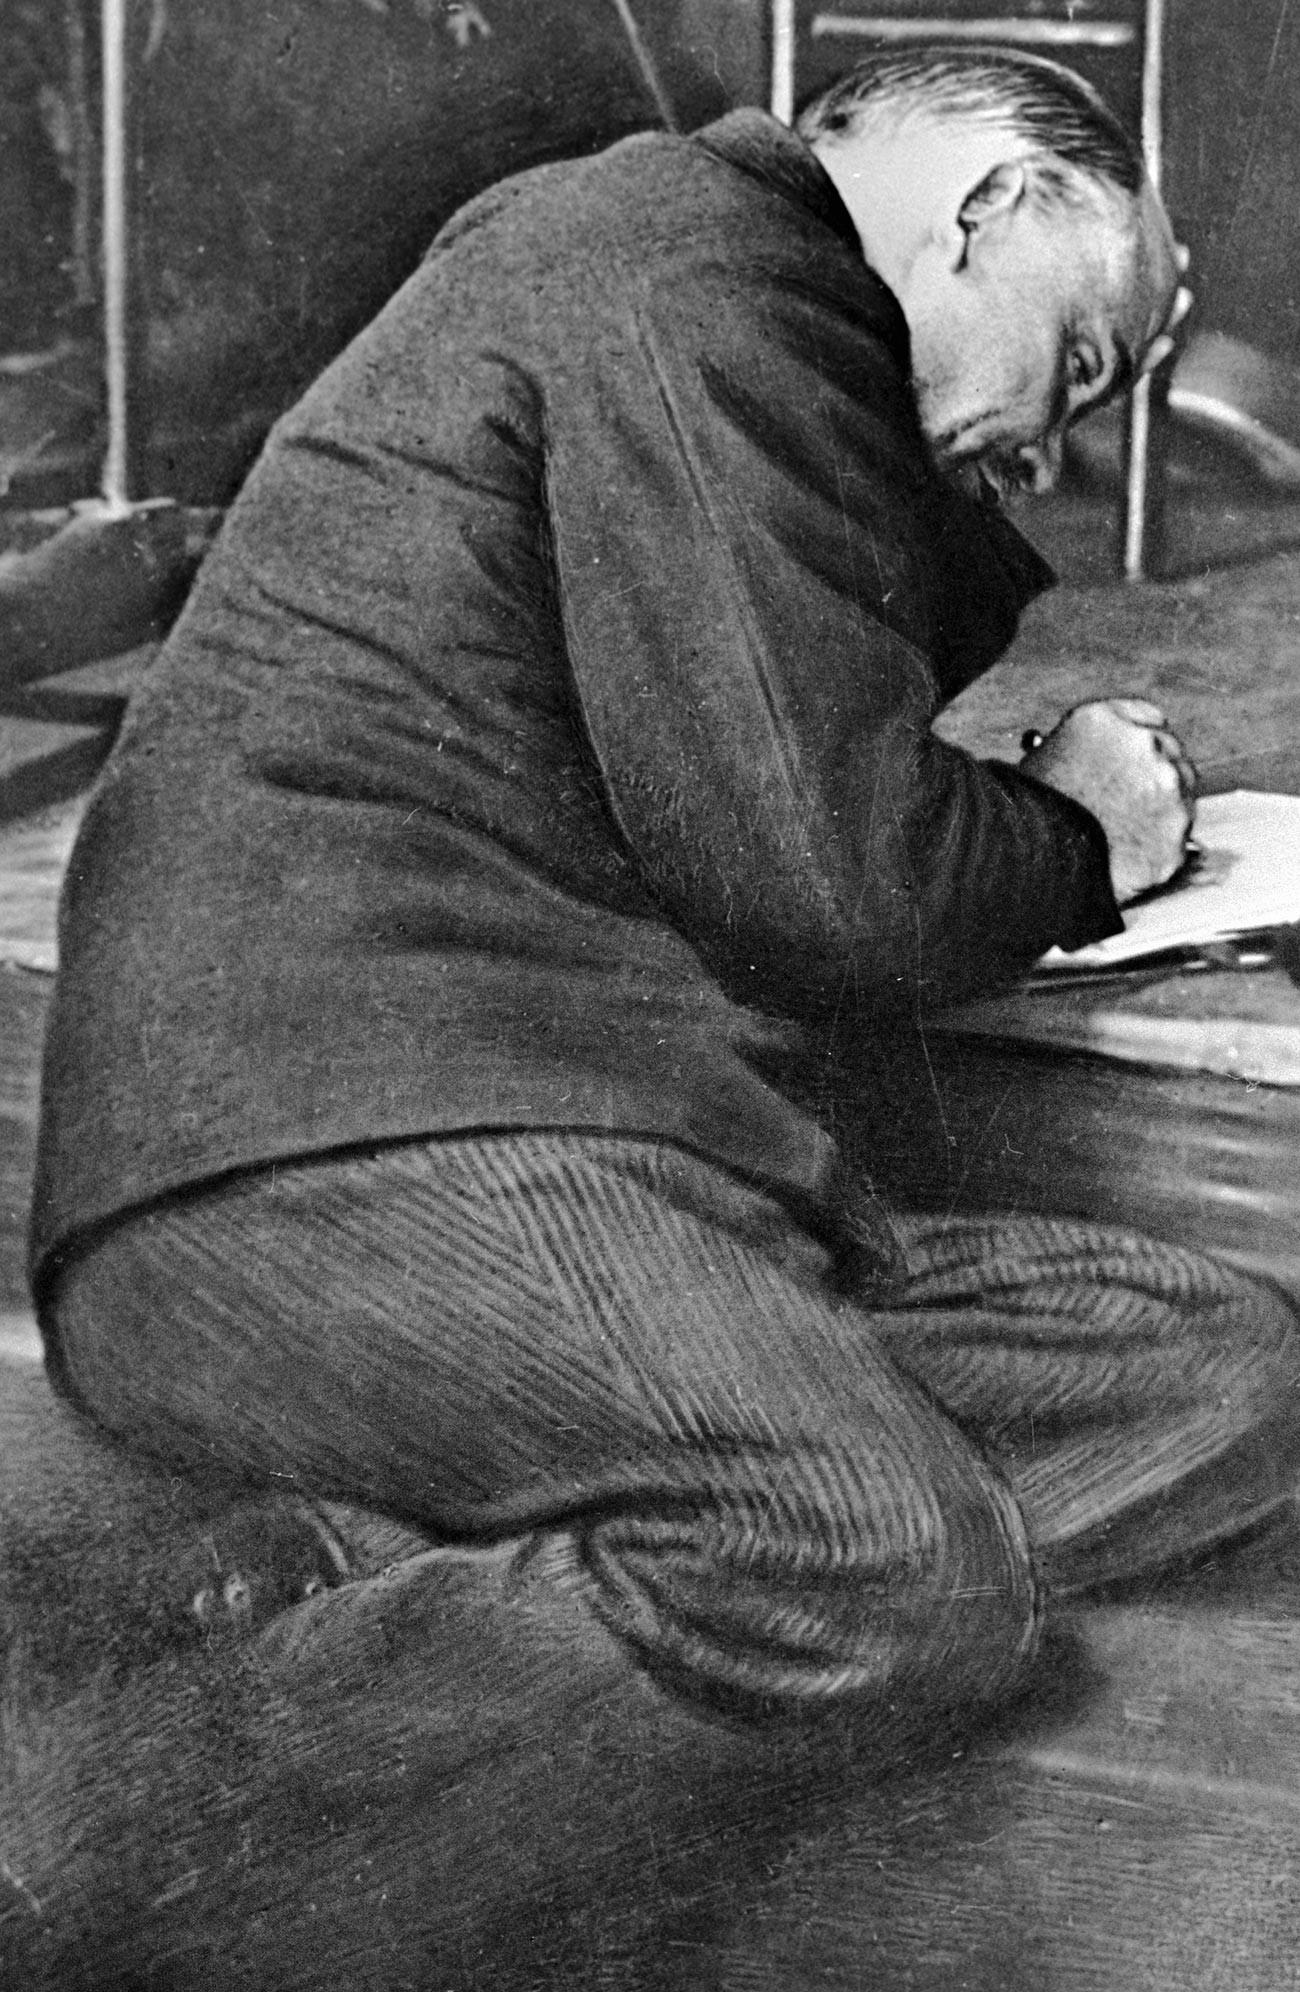 Vladimir Lénine prend des notes lors du IIIe Congrès du Komintern dans une salle du kremlin